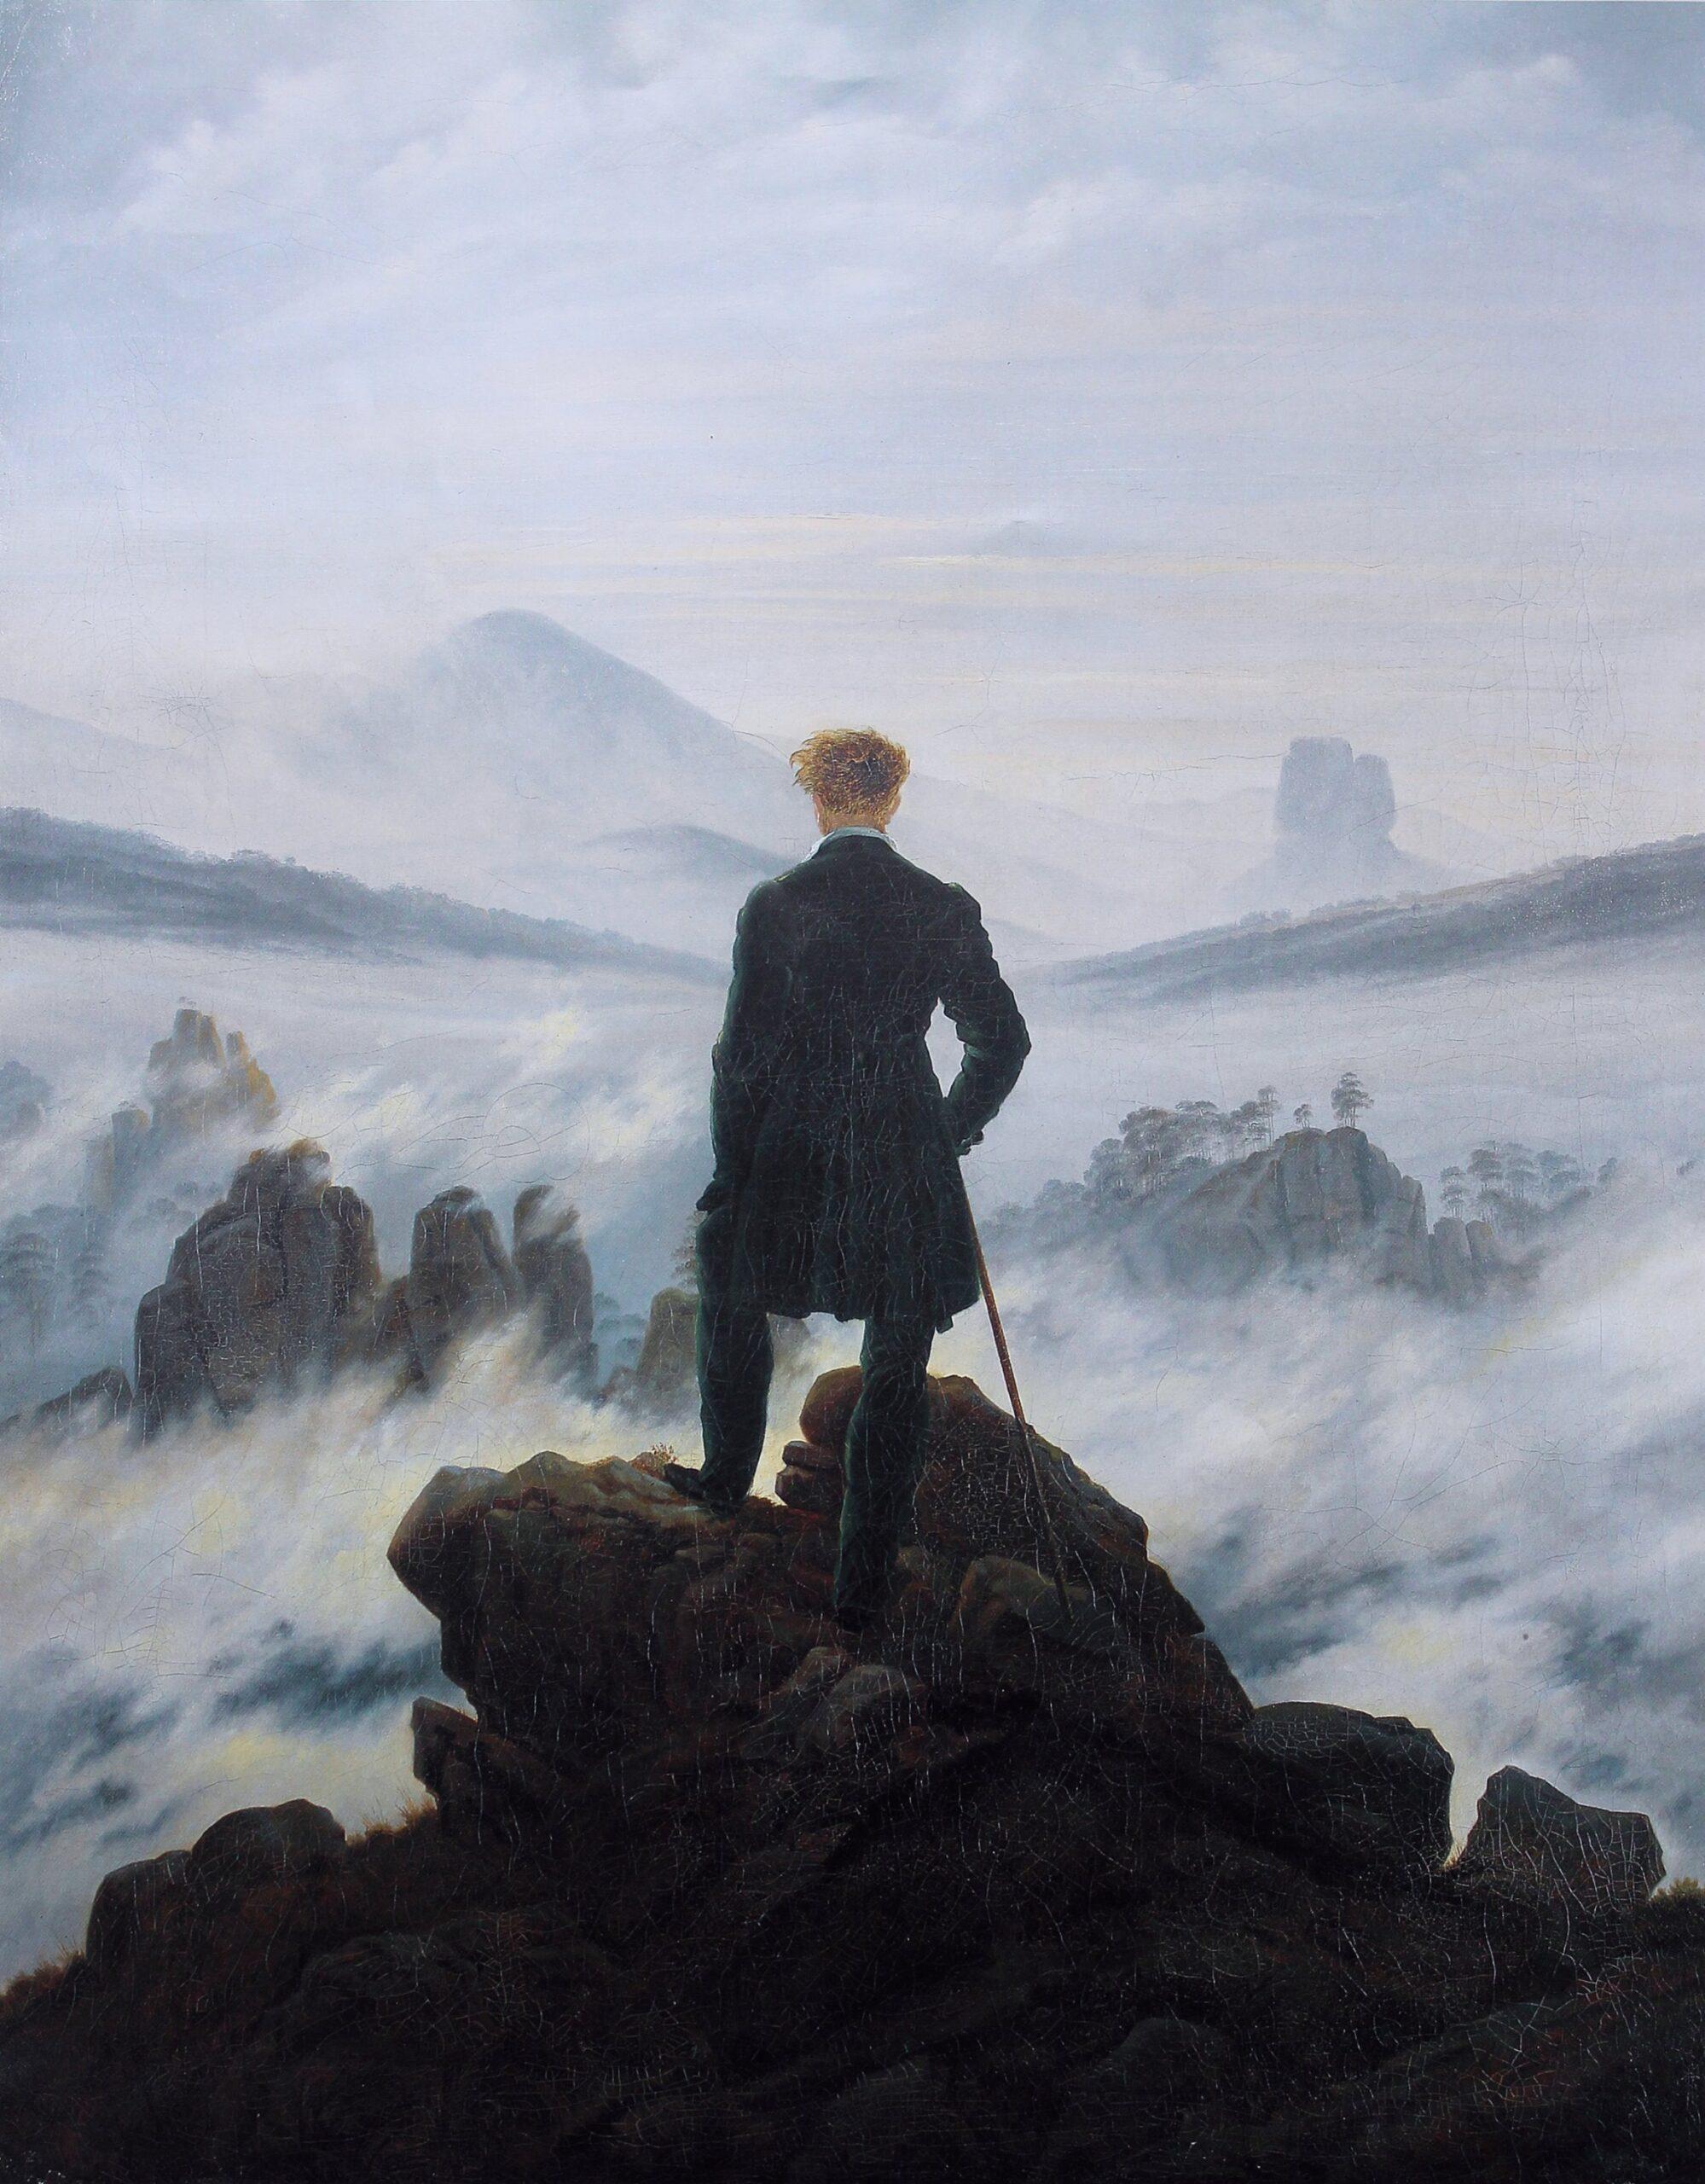 Caspar David Friedrich – Περιπλανώμενος πάνω από τη θάλασσα της ομίχλης (1818). Η Φύση των ρομαντικών υπήρξε άγρια, ατίθαση, απρόβλεπτη. Όπως τα κύματα ομίχλης στον πίνακα του Φρήντριχ, που συμβολίζουν το ανεξερεύνητο, το αχανές, το ταραχώδες παρελθόν και το άγνωστο μέλλον. Η αναζωπύρωση του ενδιαφέροντος για τις φιλοσοφίες του Ρομαντισμού της Μετανεωτερικότητας επιδίωξε το θάνατο του Ορθού Λόγου.